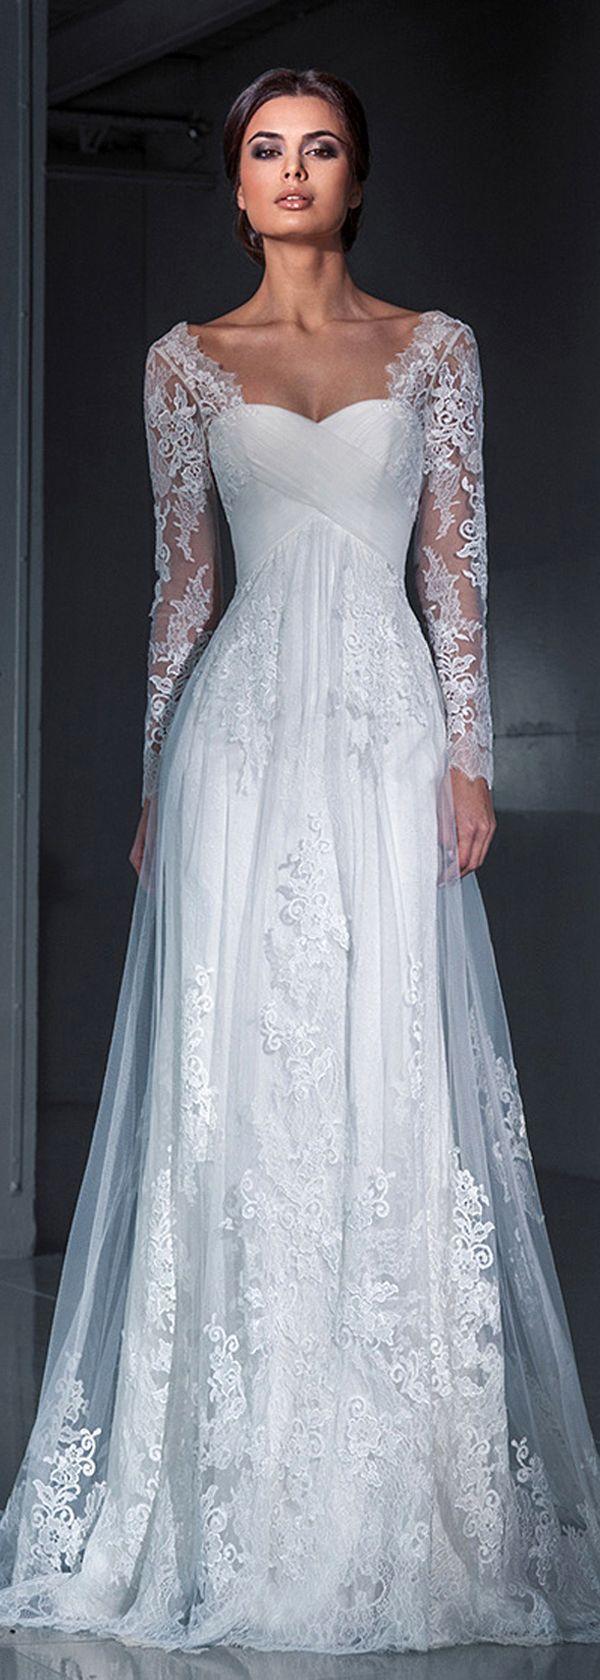 Vestidos Vestidos | Vestidos | Pinterest | Vestidos de novia, De ...